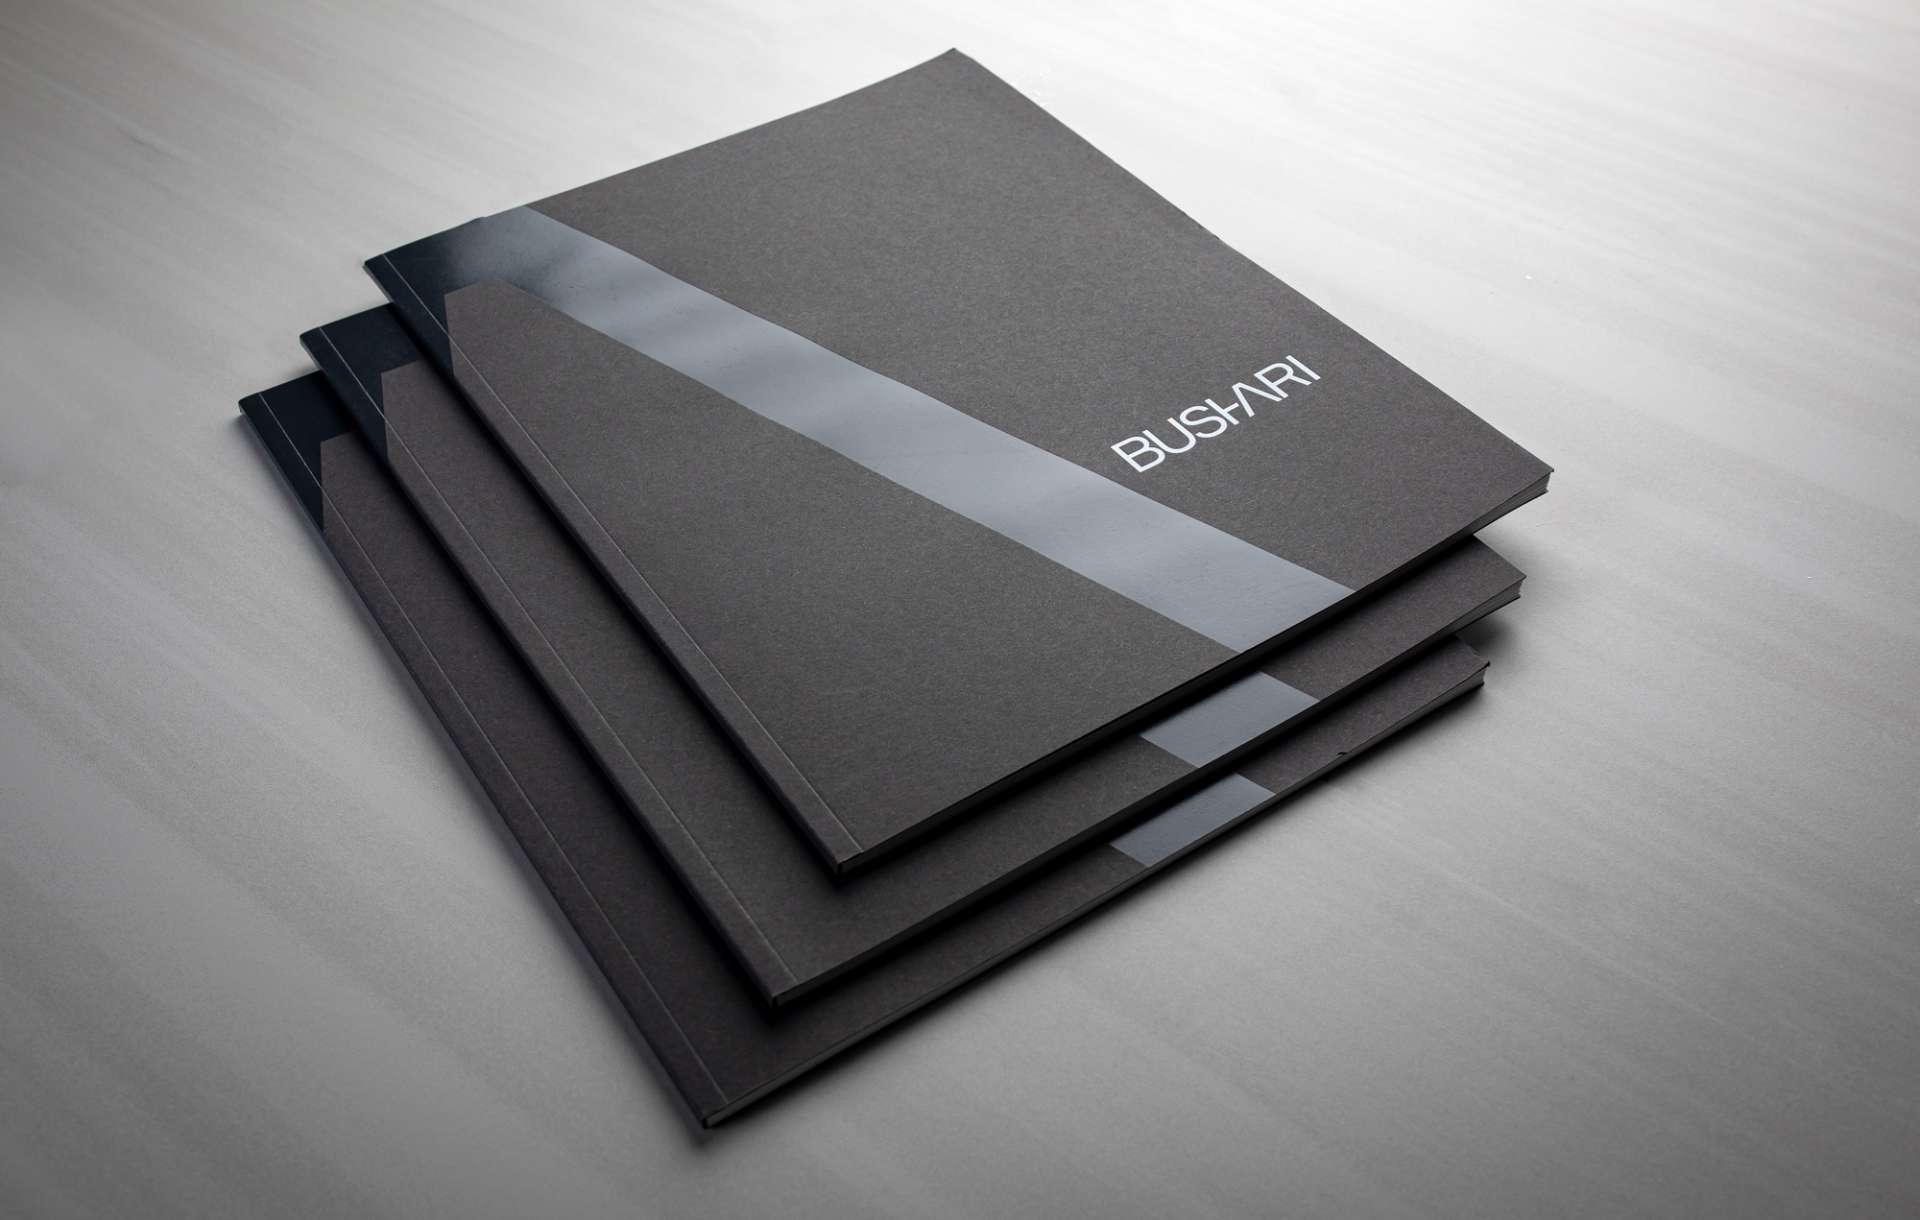 Print collateral kit design for Bushari real estate branding